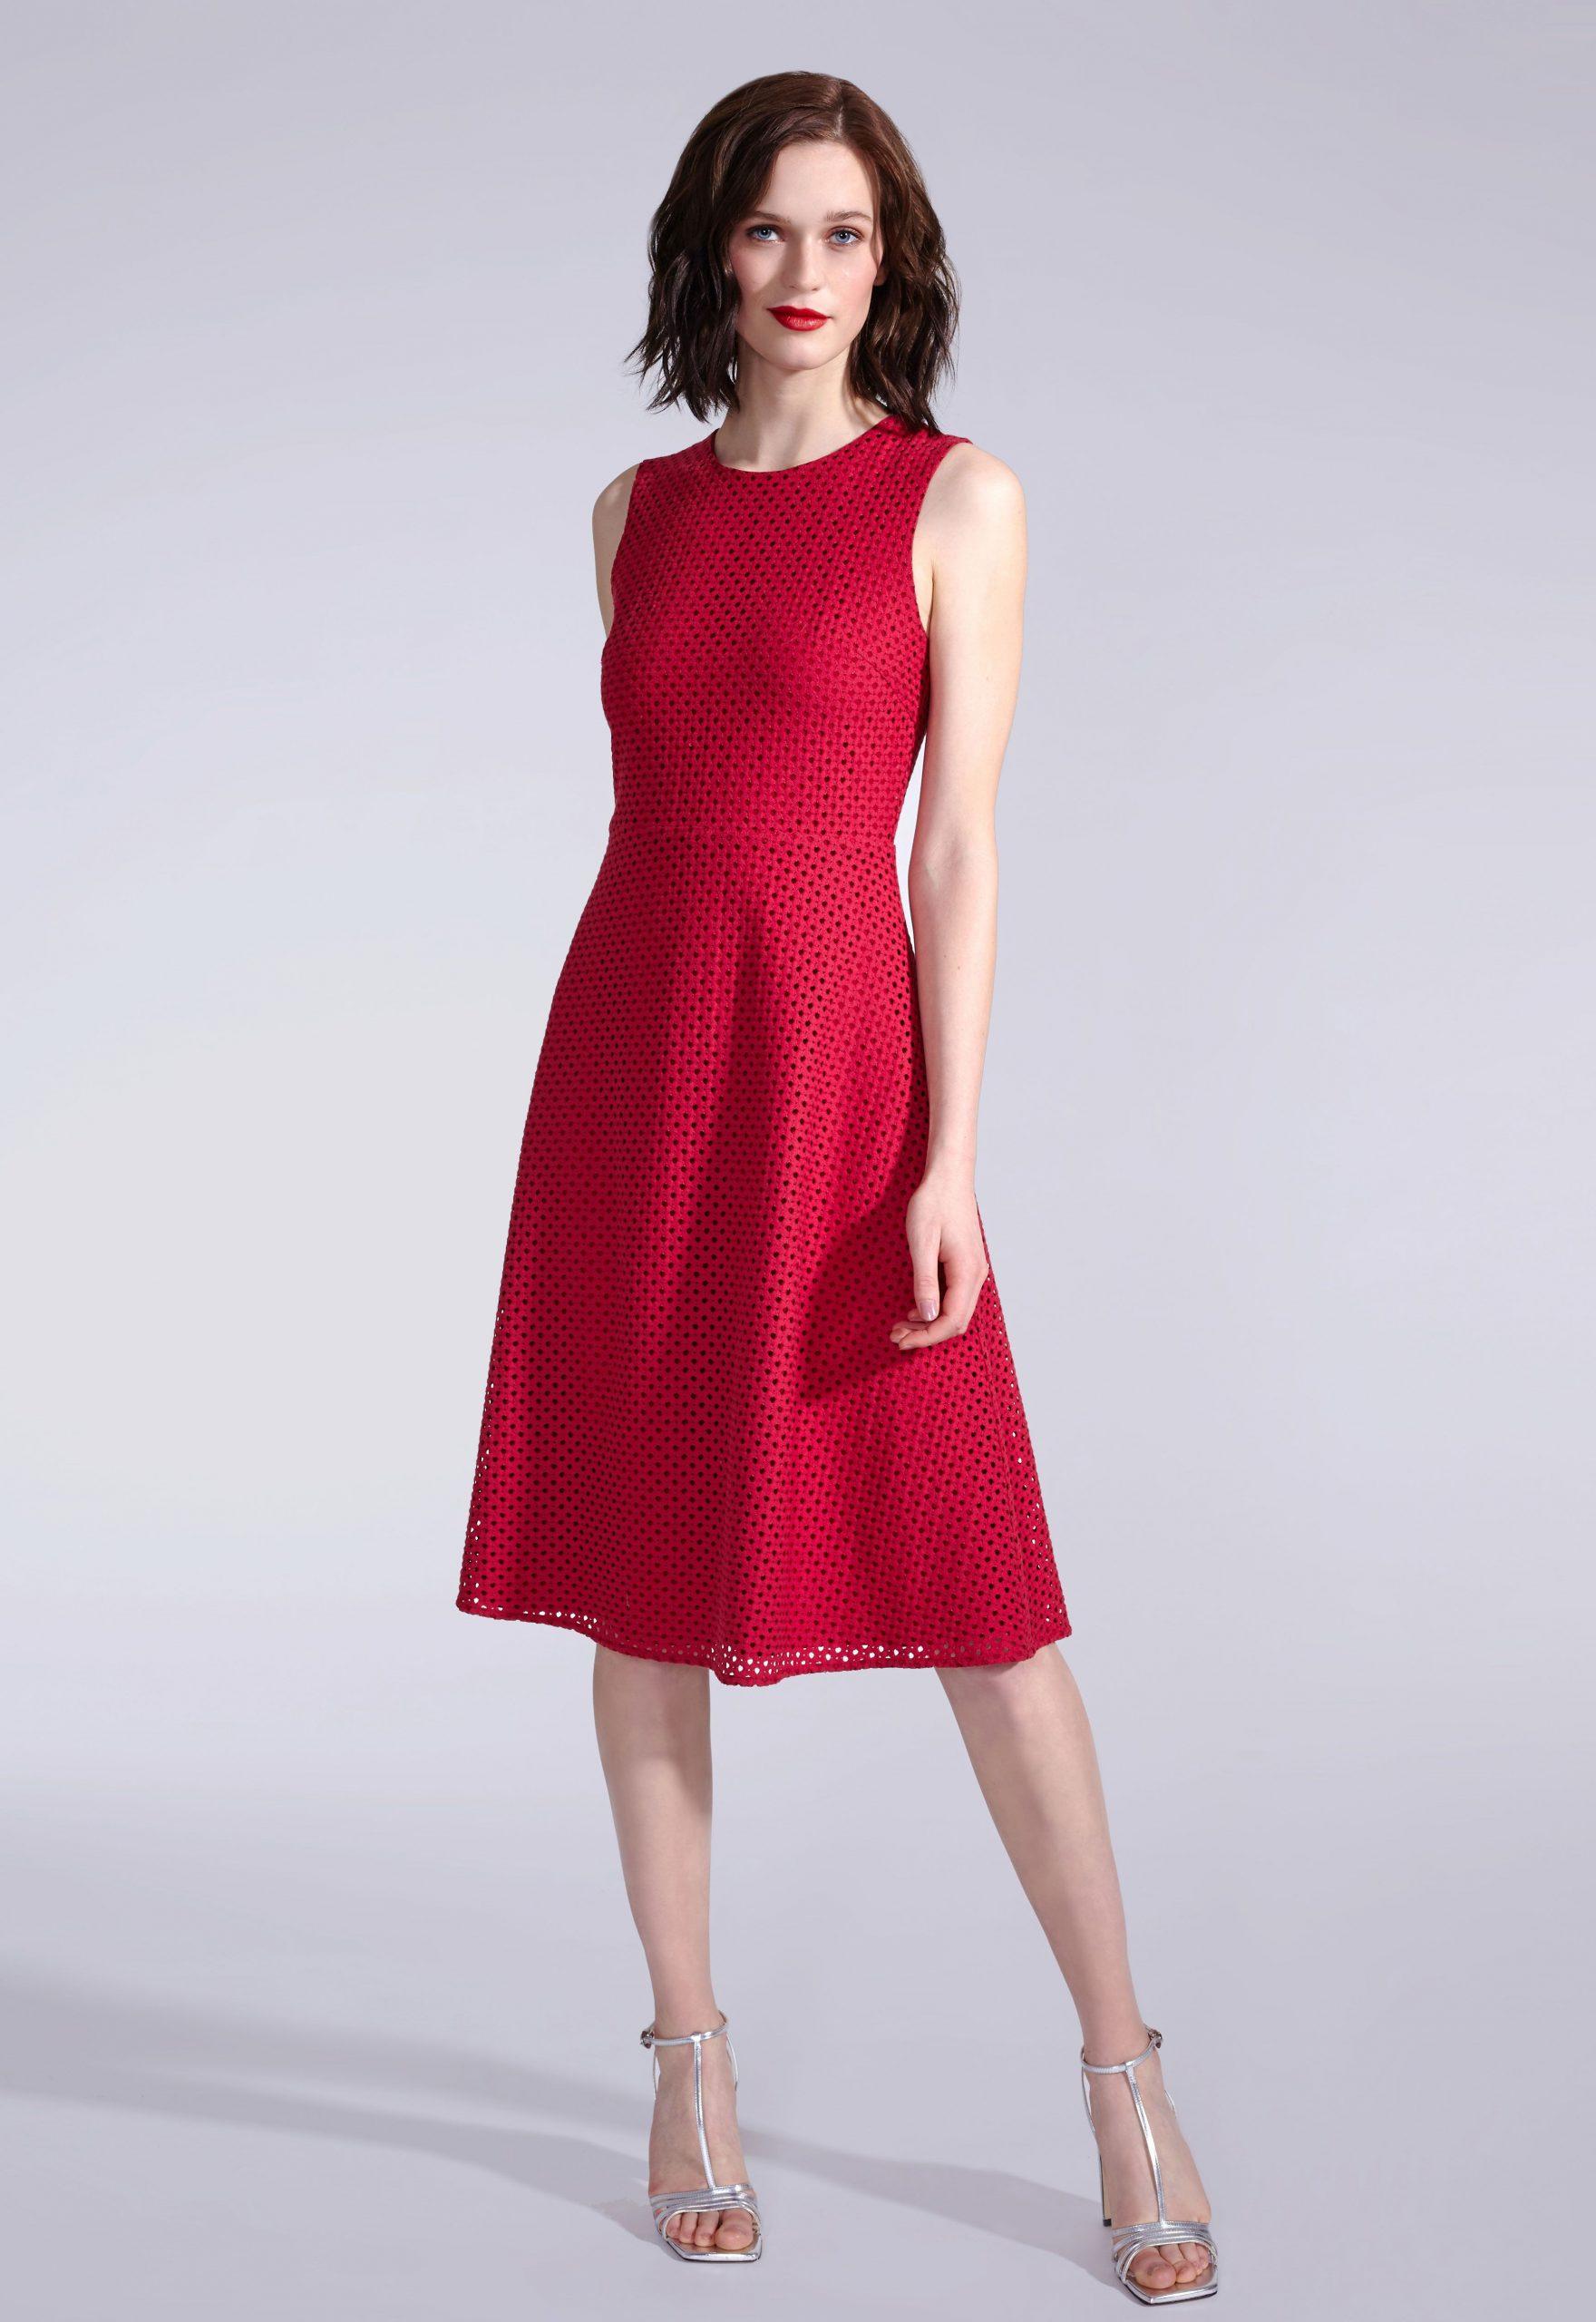 Rotes Kleid Kombinieren Hochzeit  Abendkleid